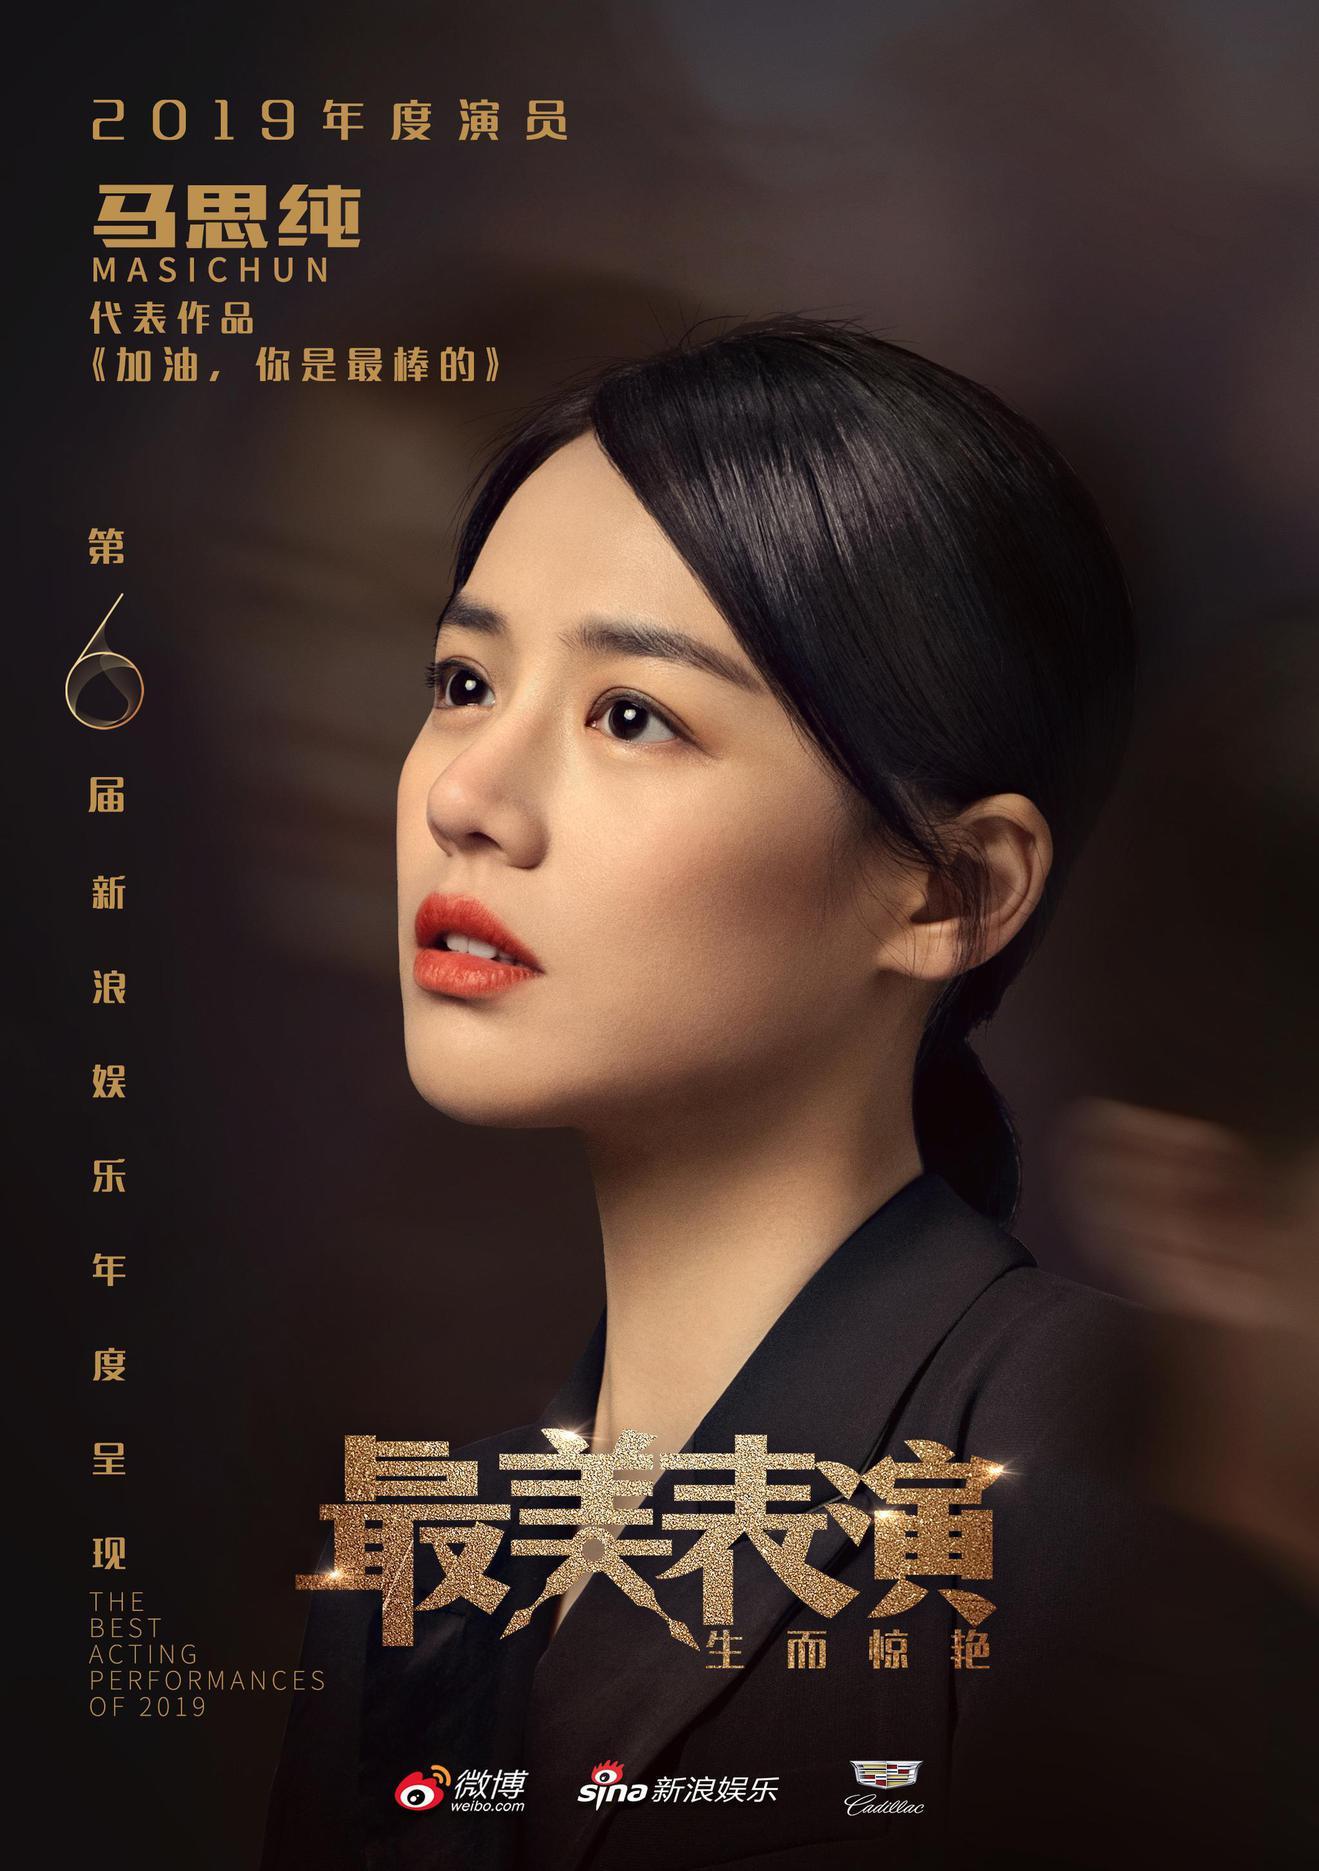 2019最美表演-马思纯